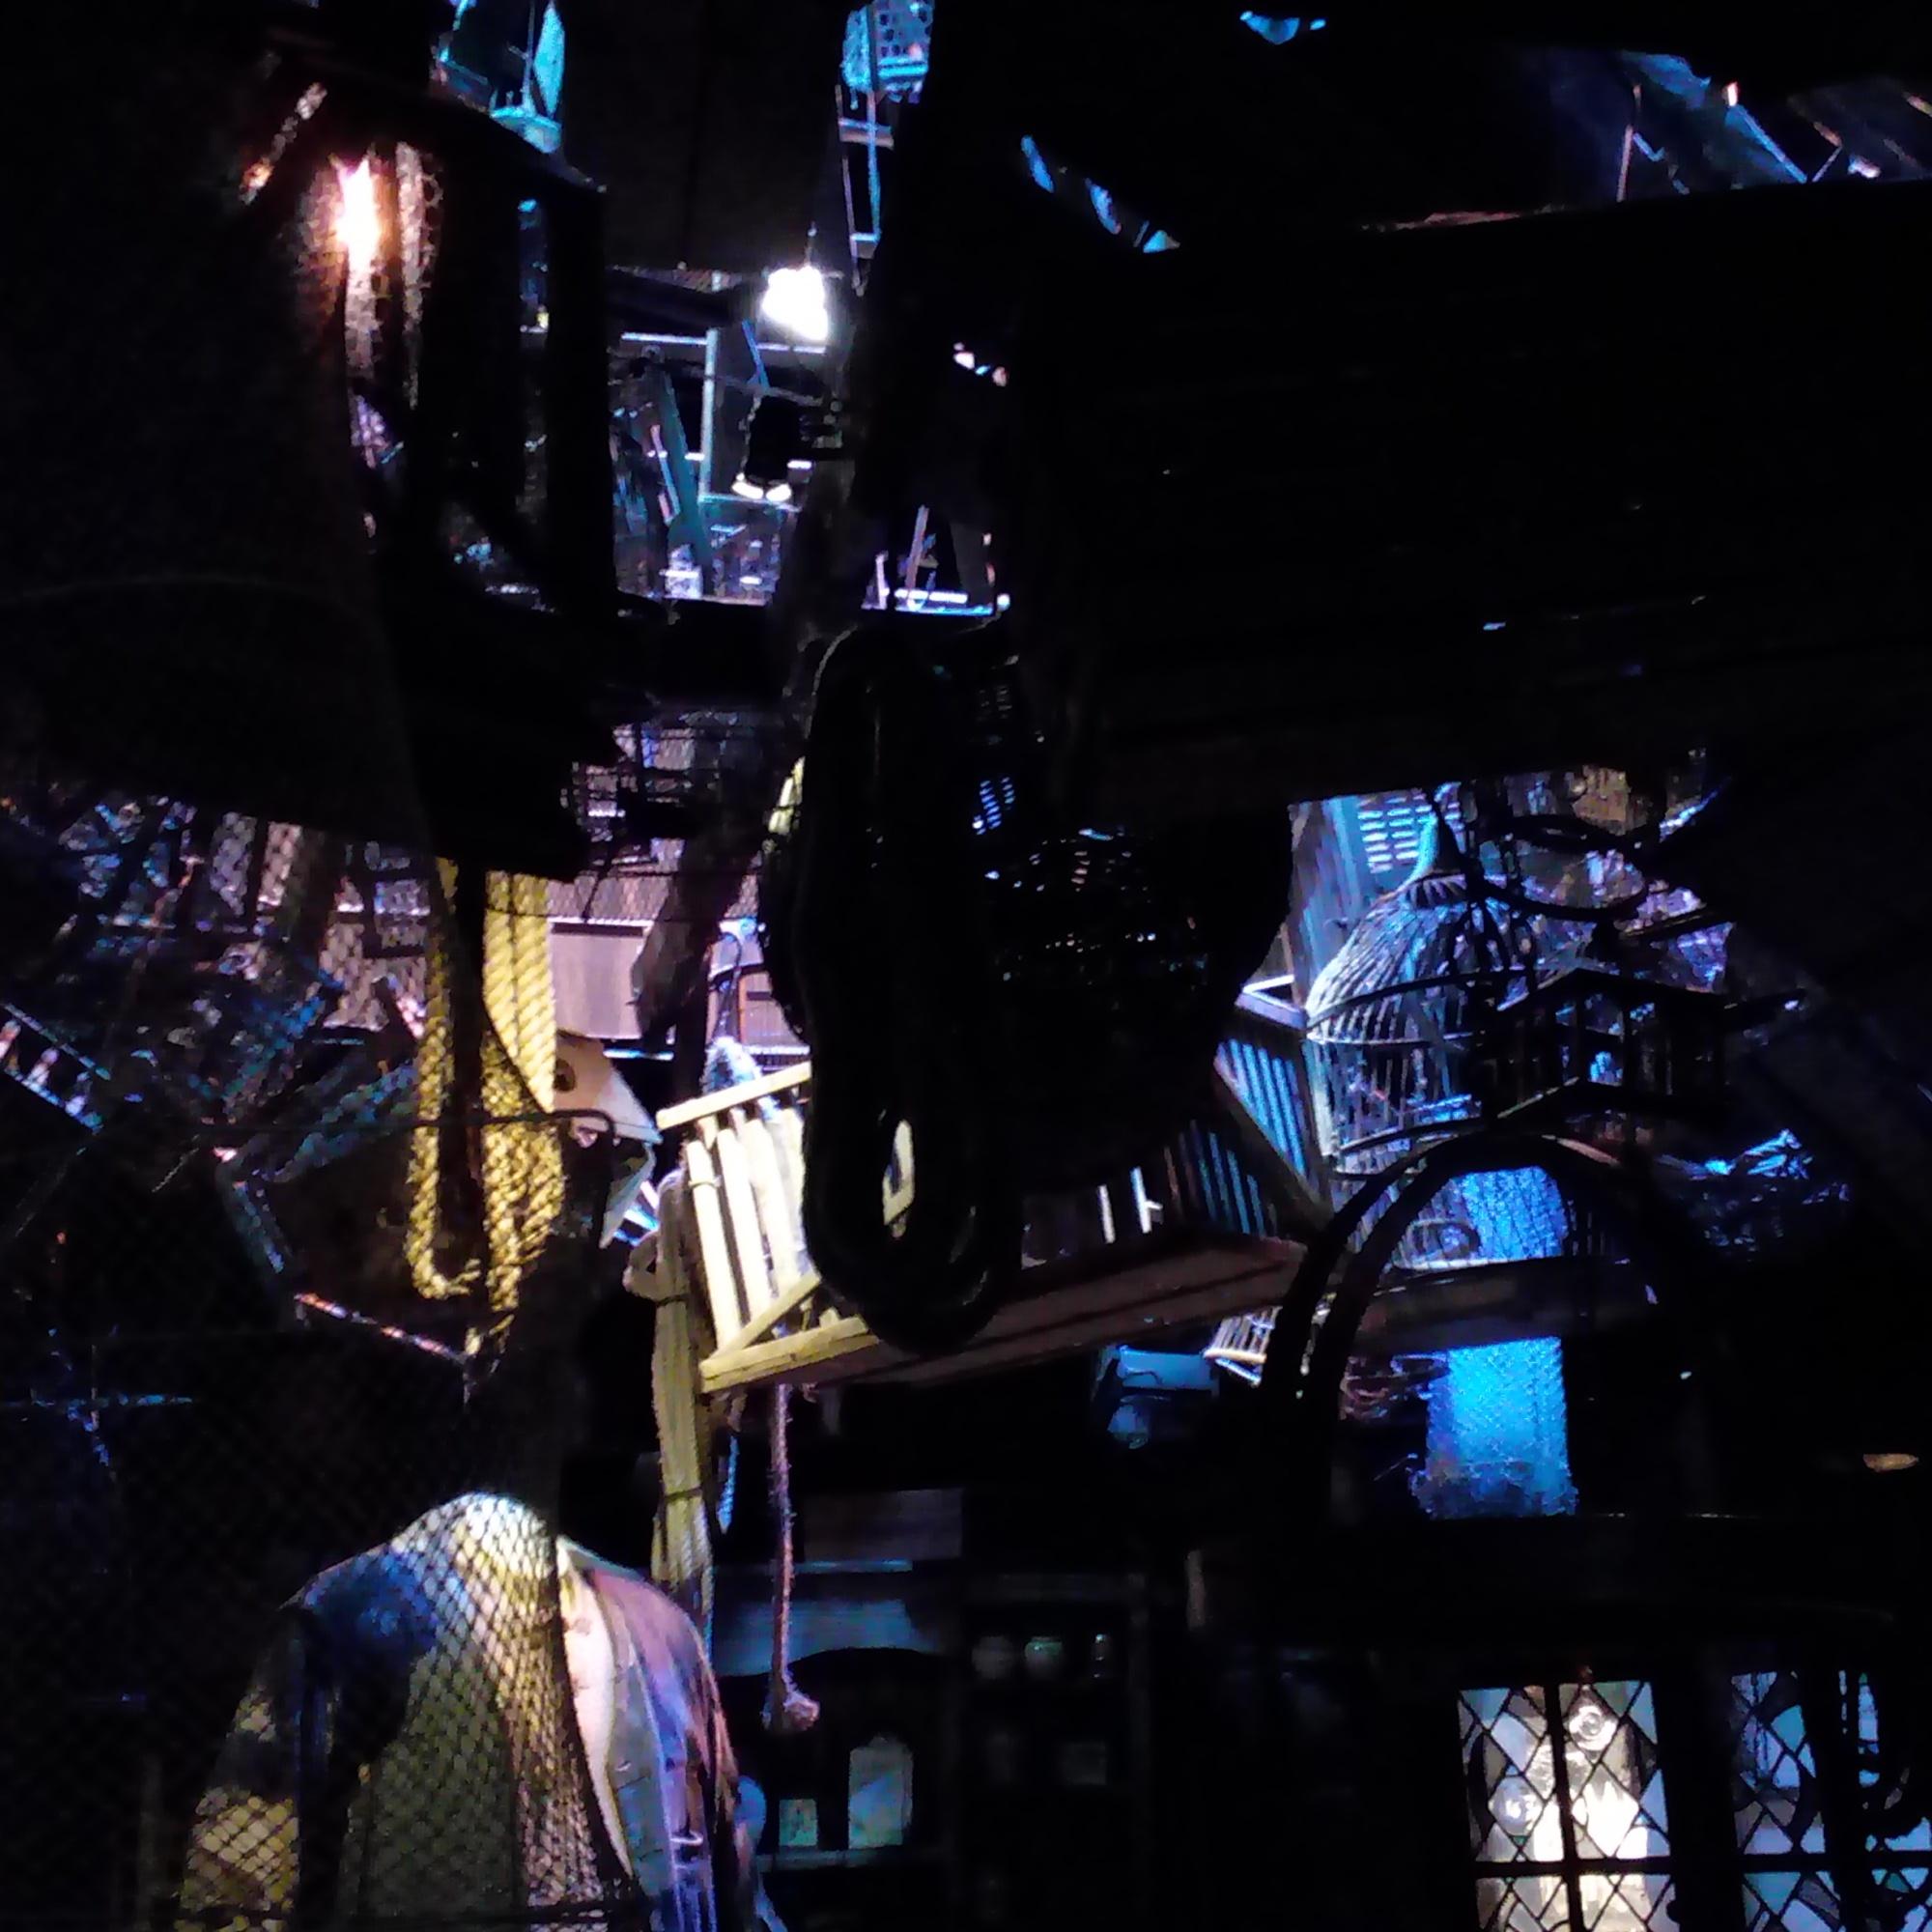 La Cabane de Hagrid - The Making of Harry Potter - Studio Tour London